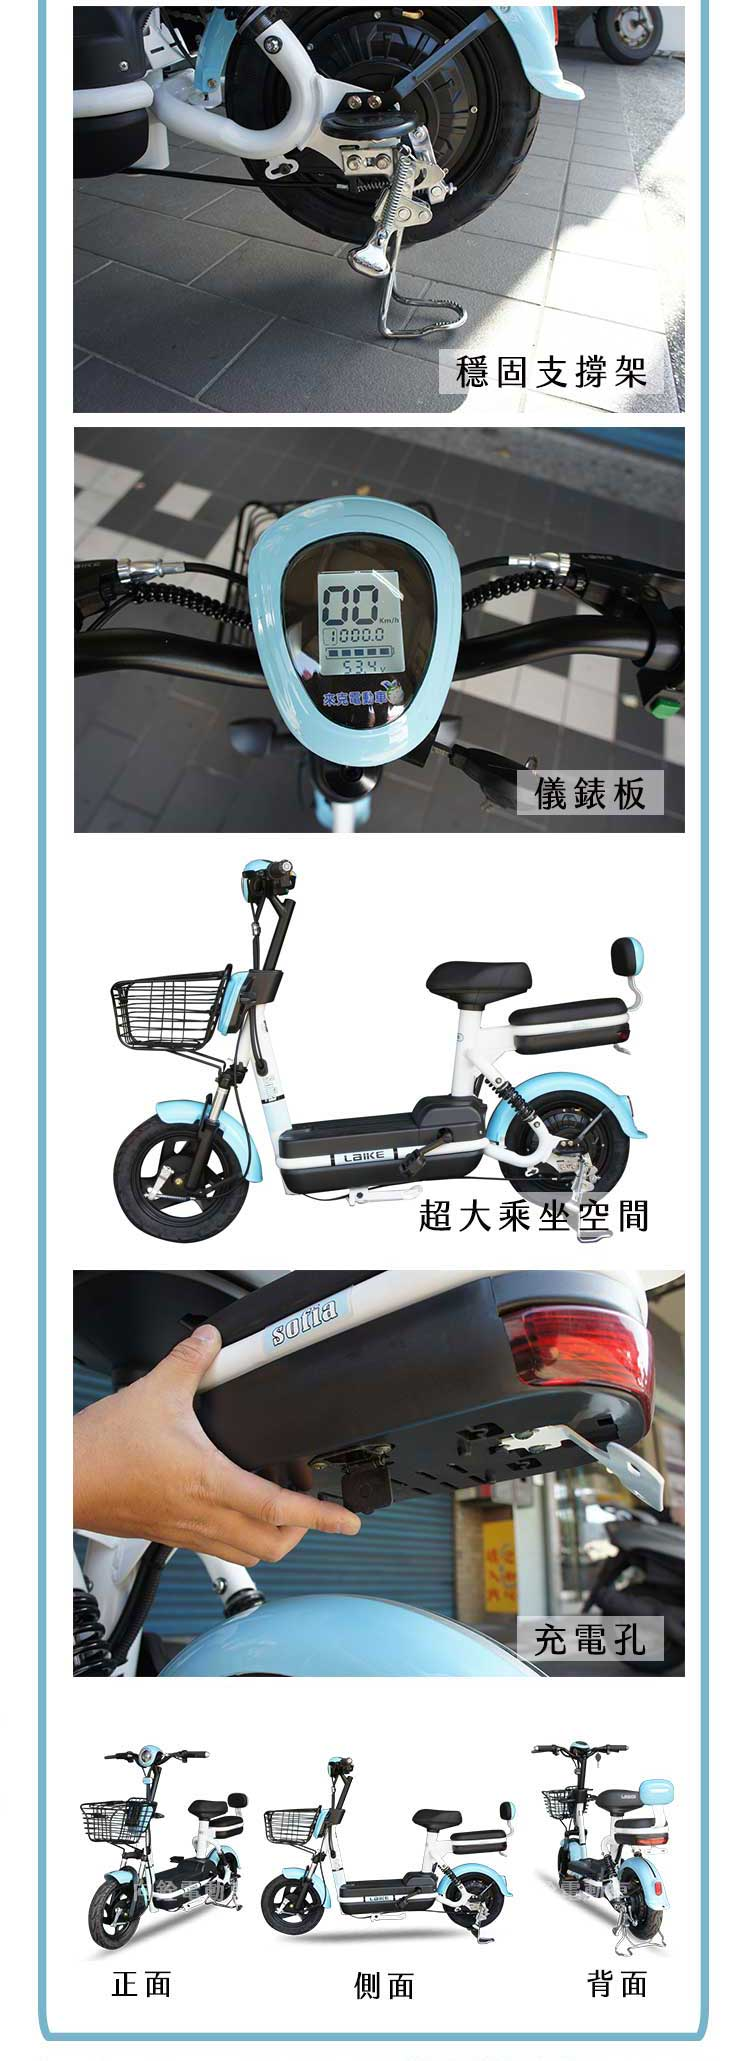 【向銓】LIKE電動輔助自行車 PEG-006 鋰電版(電動車)好評推薦 - 腳踏車*機車行